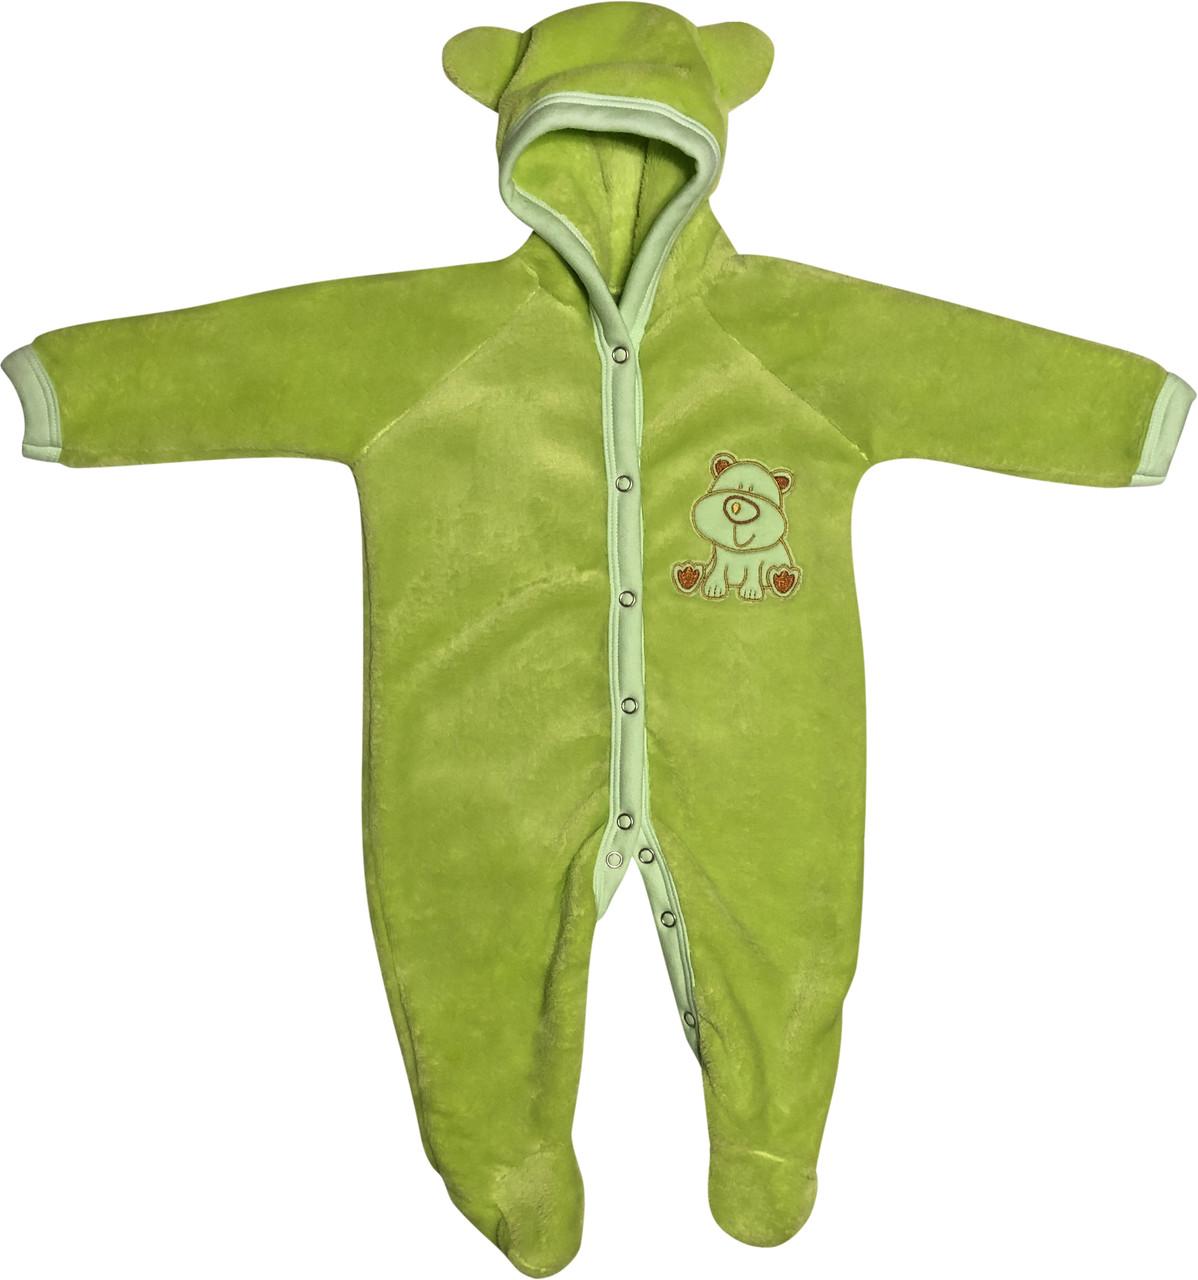 Теплий чоловічок для малюків ріст 62 2-3 міс на хлопчика дівчинку сліп з капюшоном вушками махровий салатовий